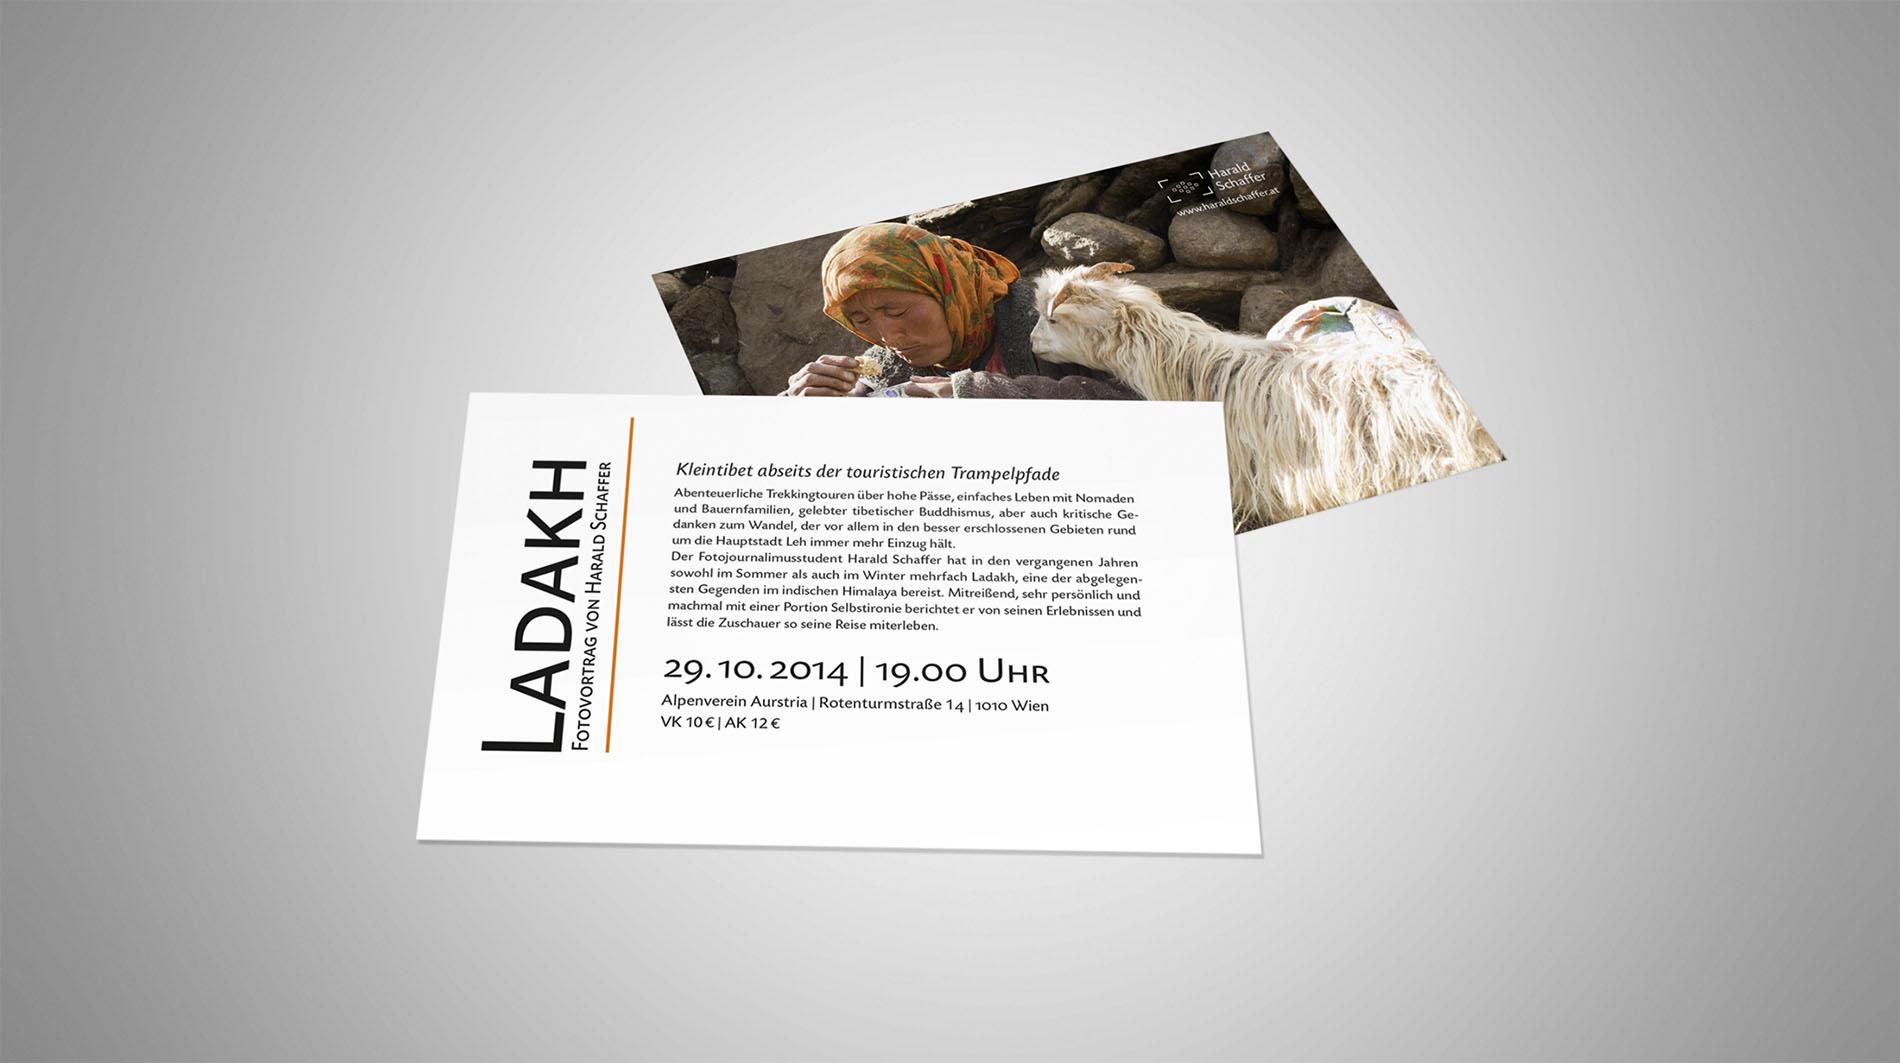 CD Harald Schaffer | Flyer zum Vortrag Ladakh